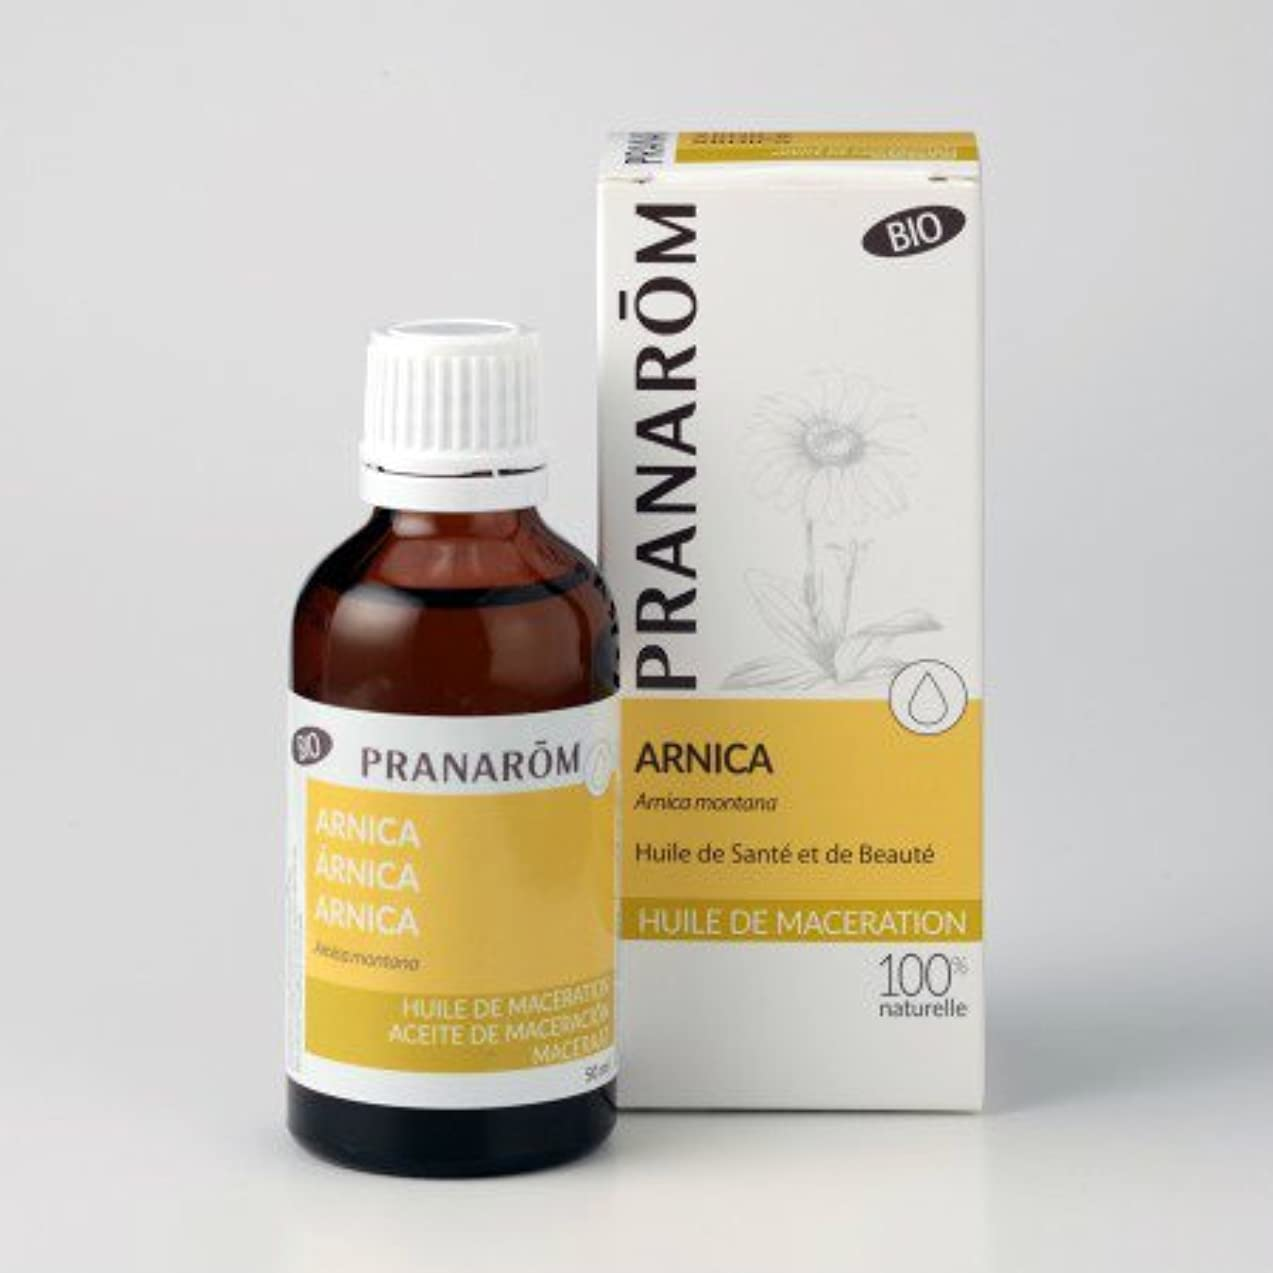 中ぶどう未使用プラナロム アルニカオイル 50ml (PRANAROM 植物油)